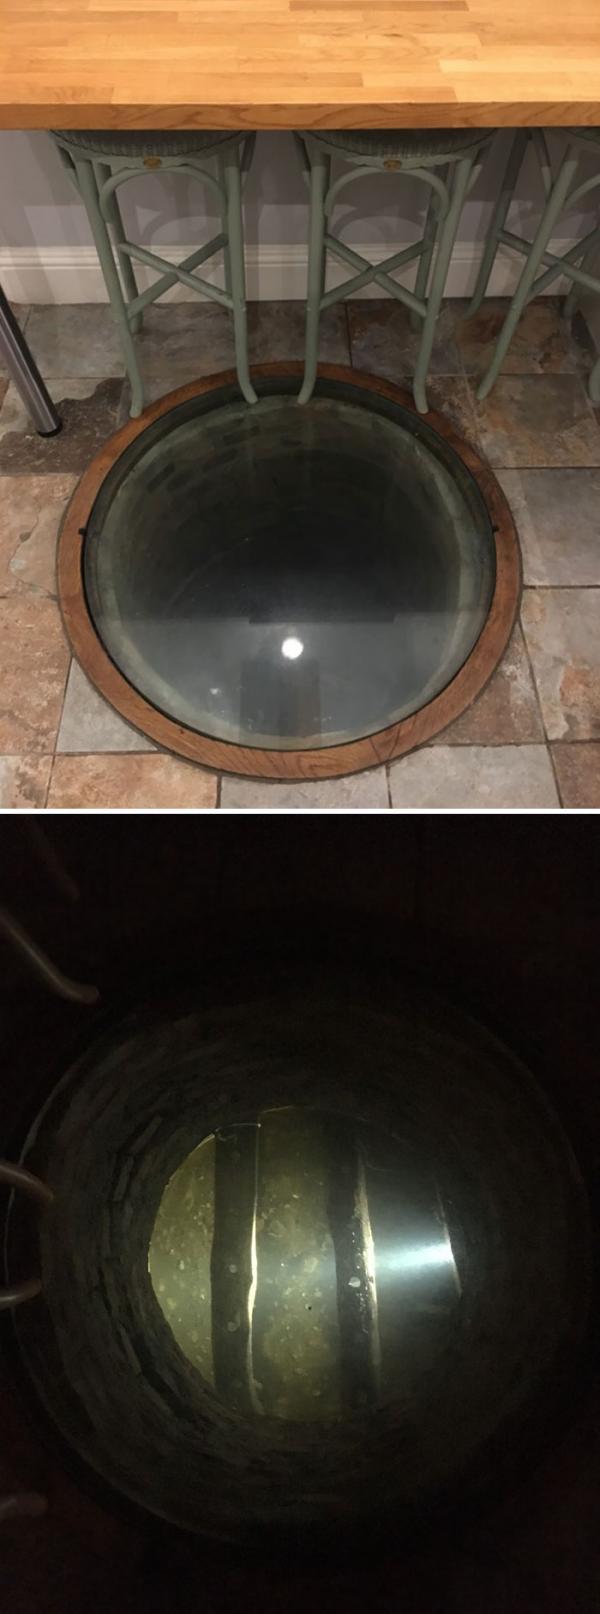 'Hú hồn' khi phát hiện bí mật động trời trong những ngôi nhà từng có người ở